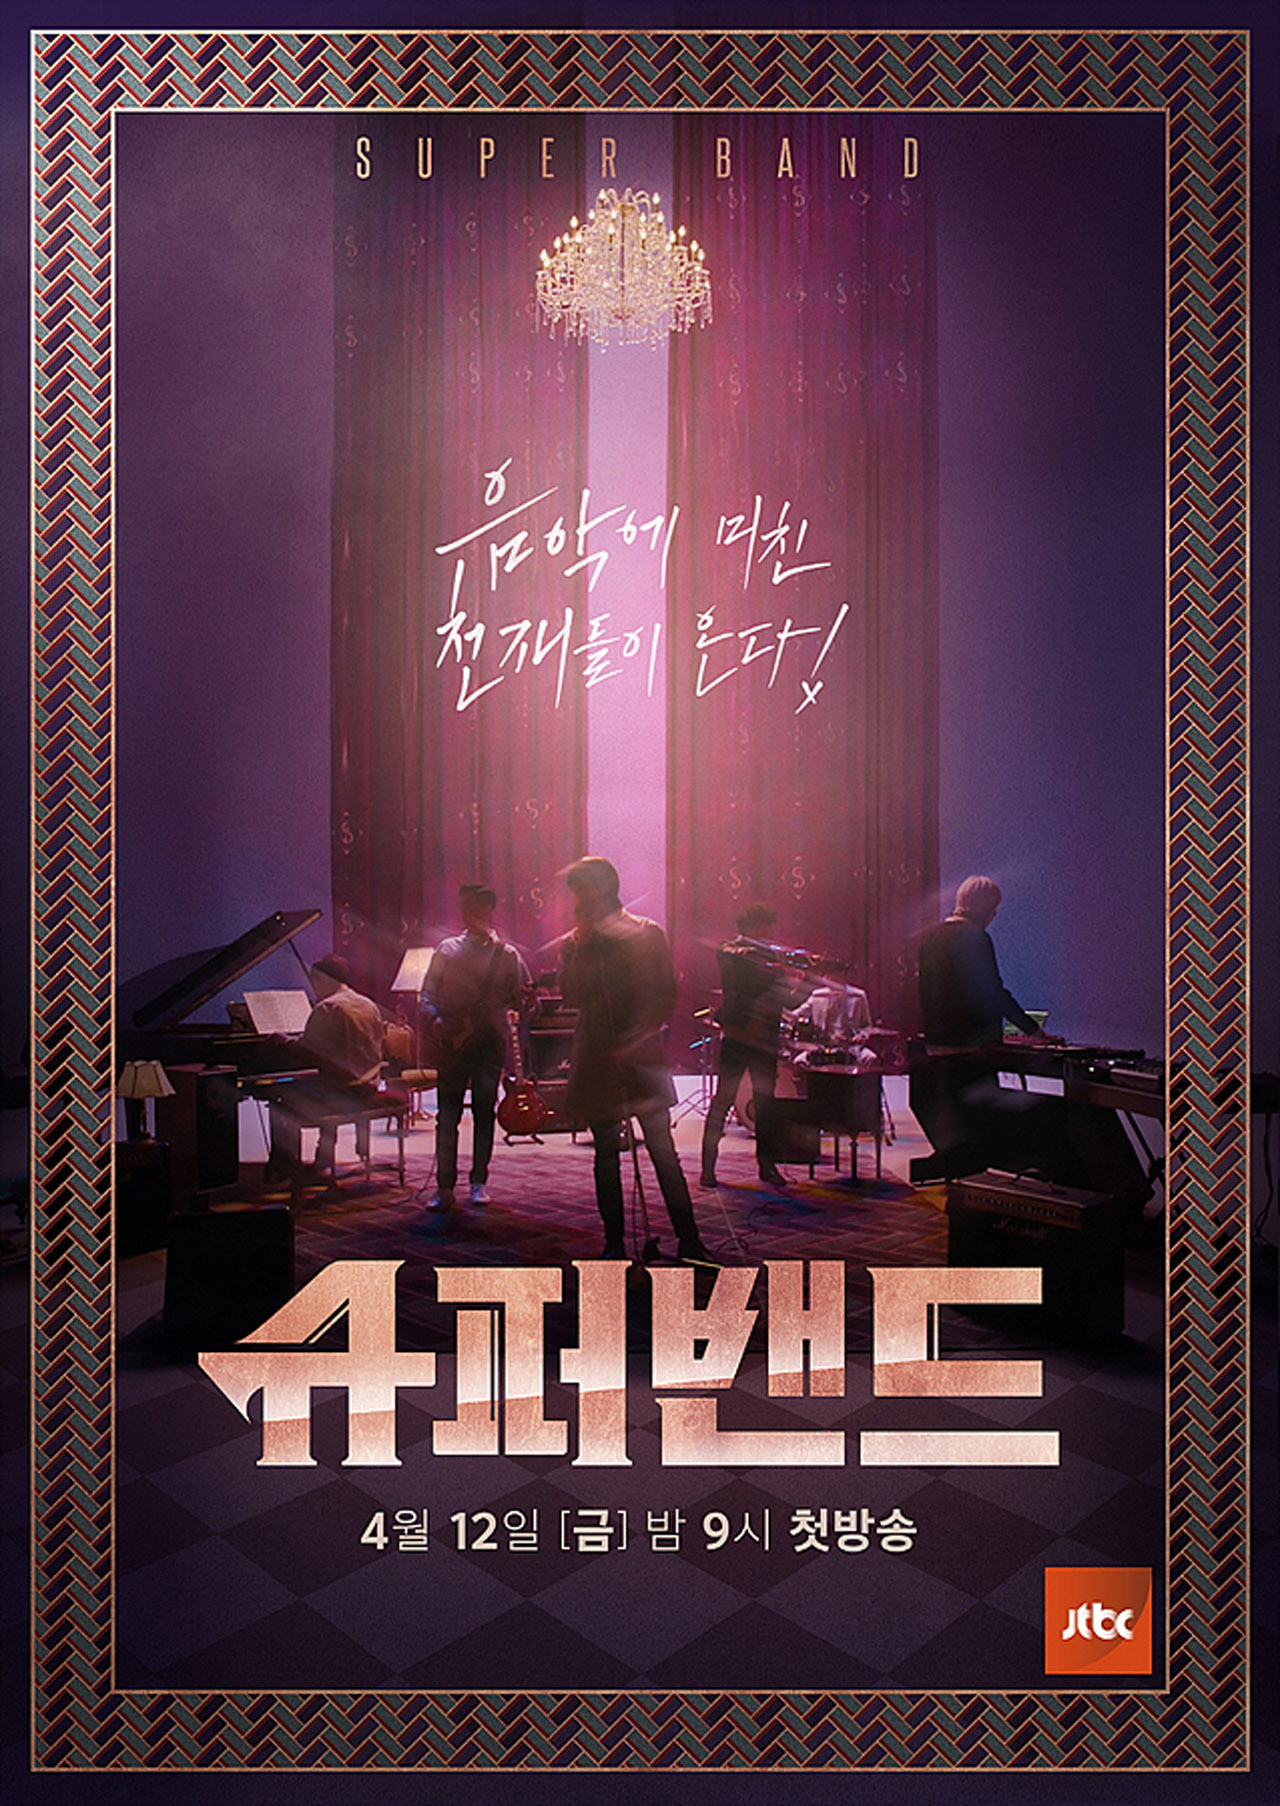 [사진자료] JTBC 예능프로그램 _슈퍼밴드_ 공식포스터